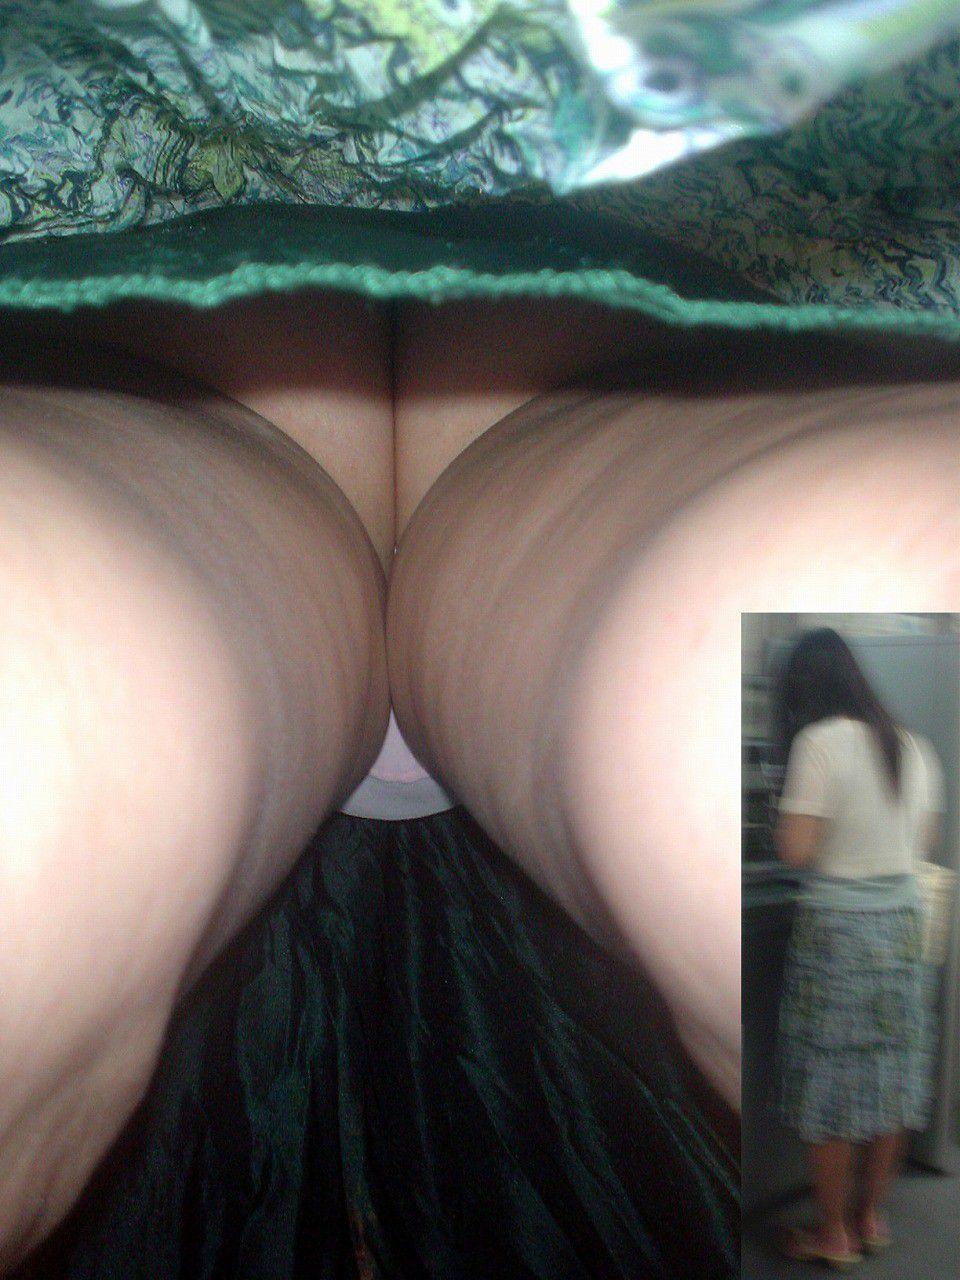 【パンチラエロ画像】下着だけじゃ満足できないから逆さ撮りで尻ごと激写(;´Д`)